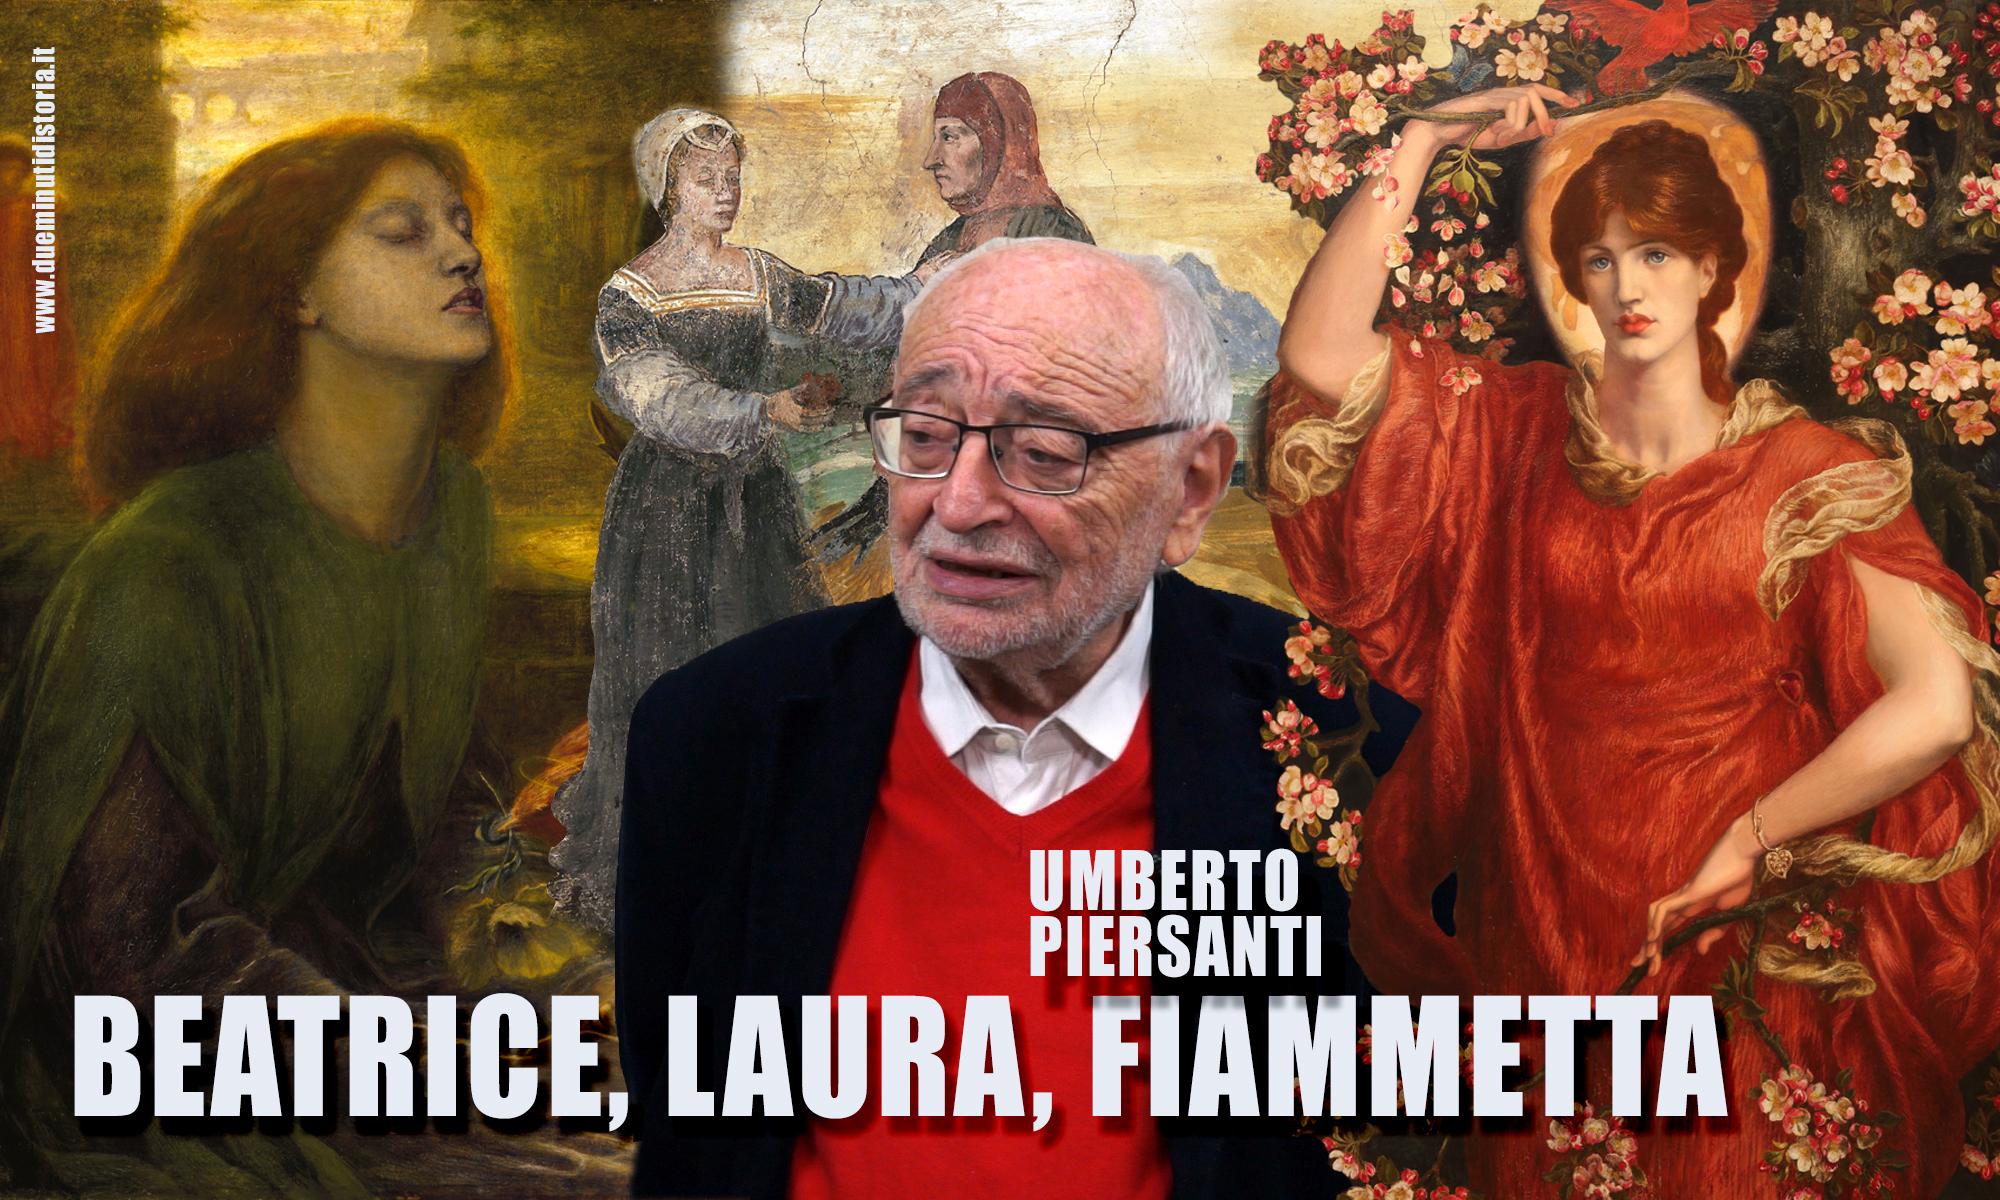 Umberto Piersanti: Beatrice, Laura, Fiammetta